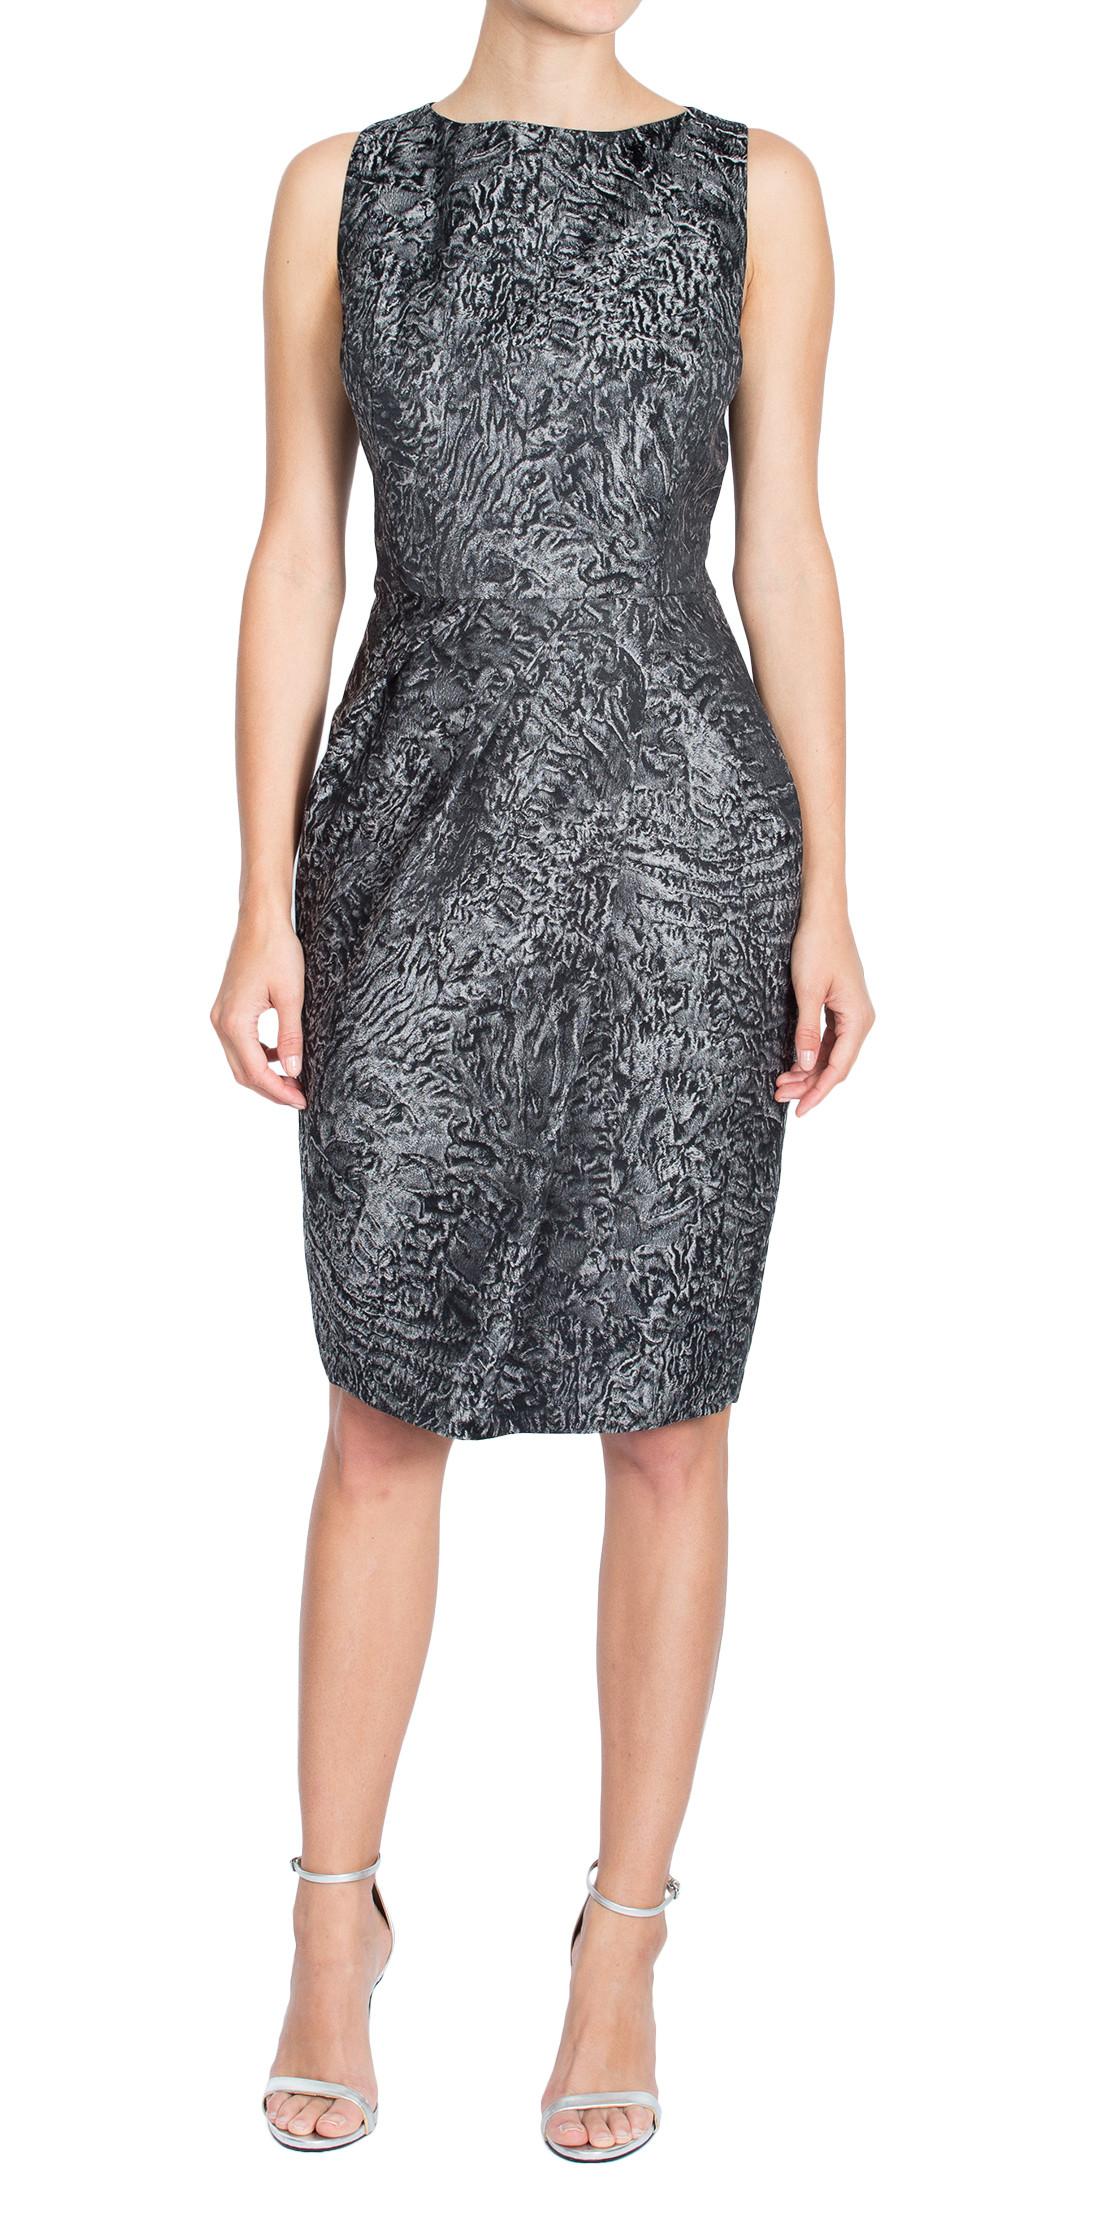 Michael Kors Printed Pencil Dress